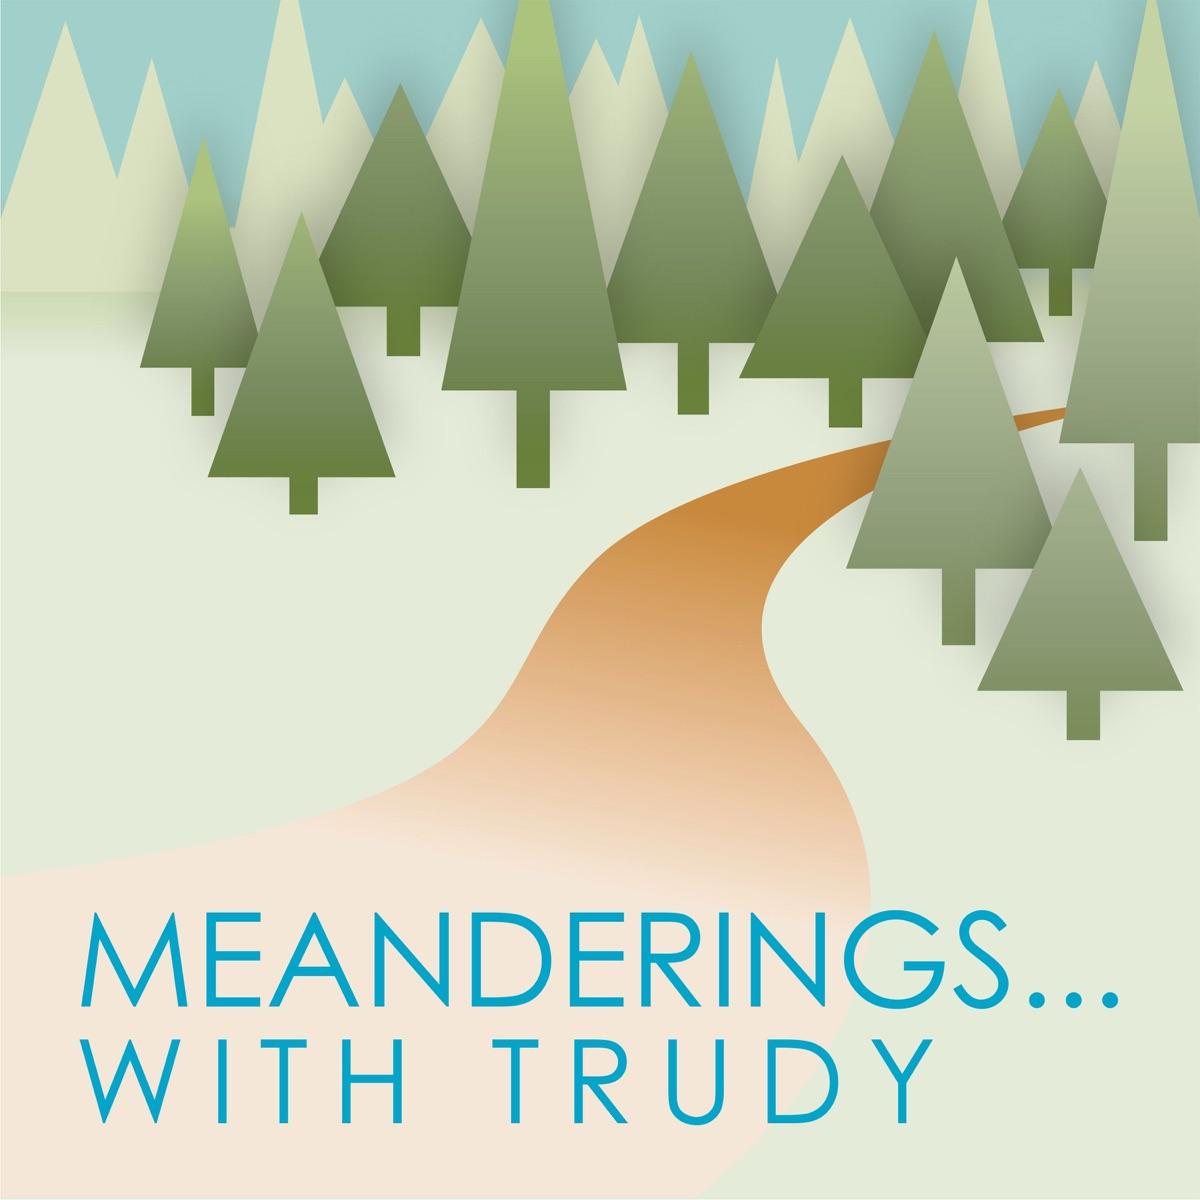 Meanderings bandcamp